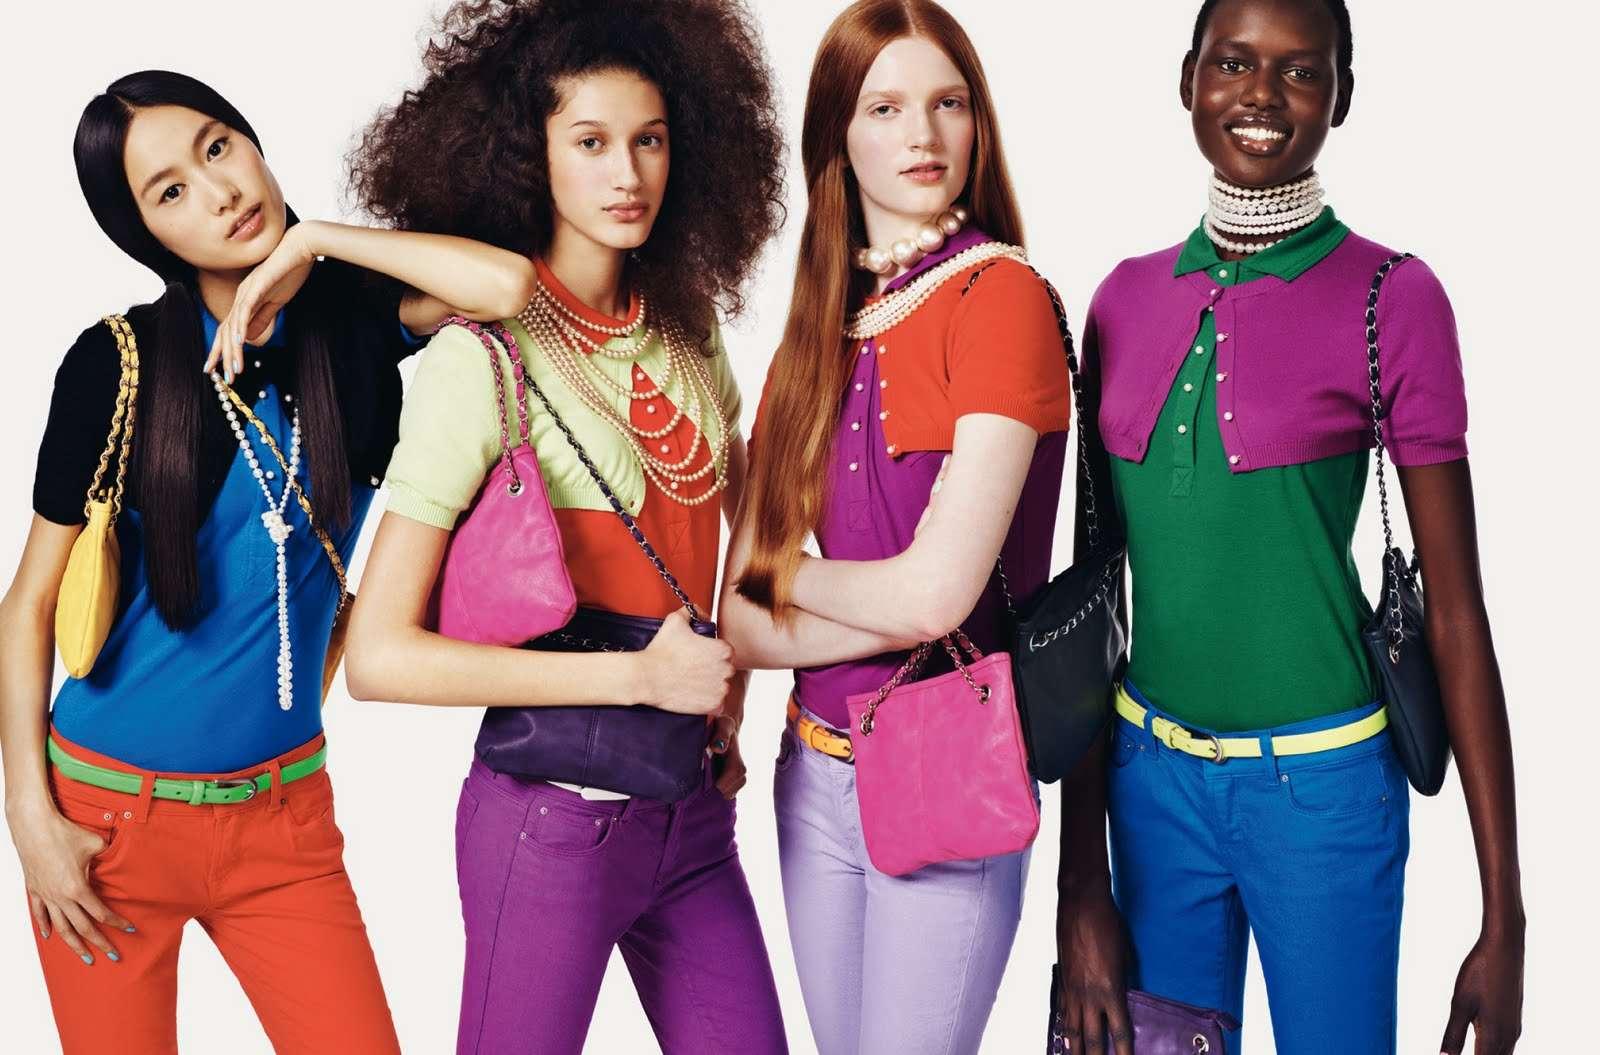 Διαφήμιση της Benetton.